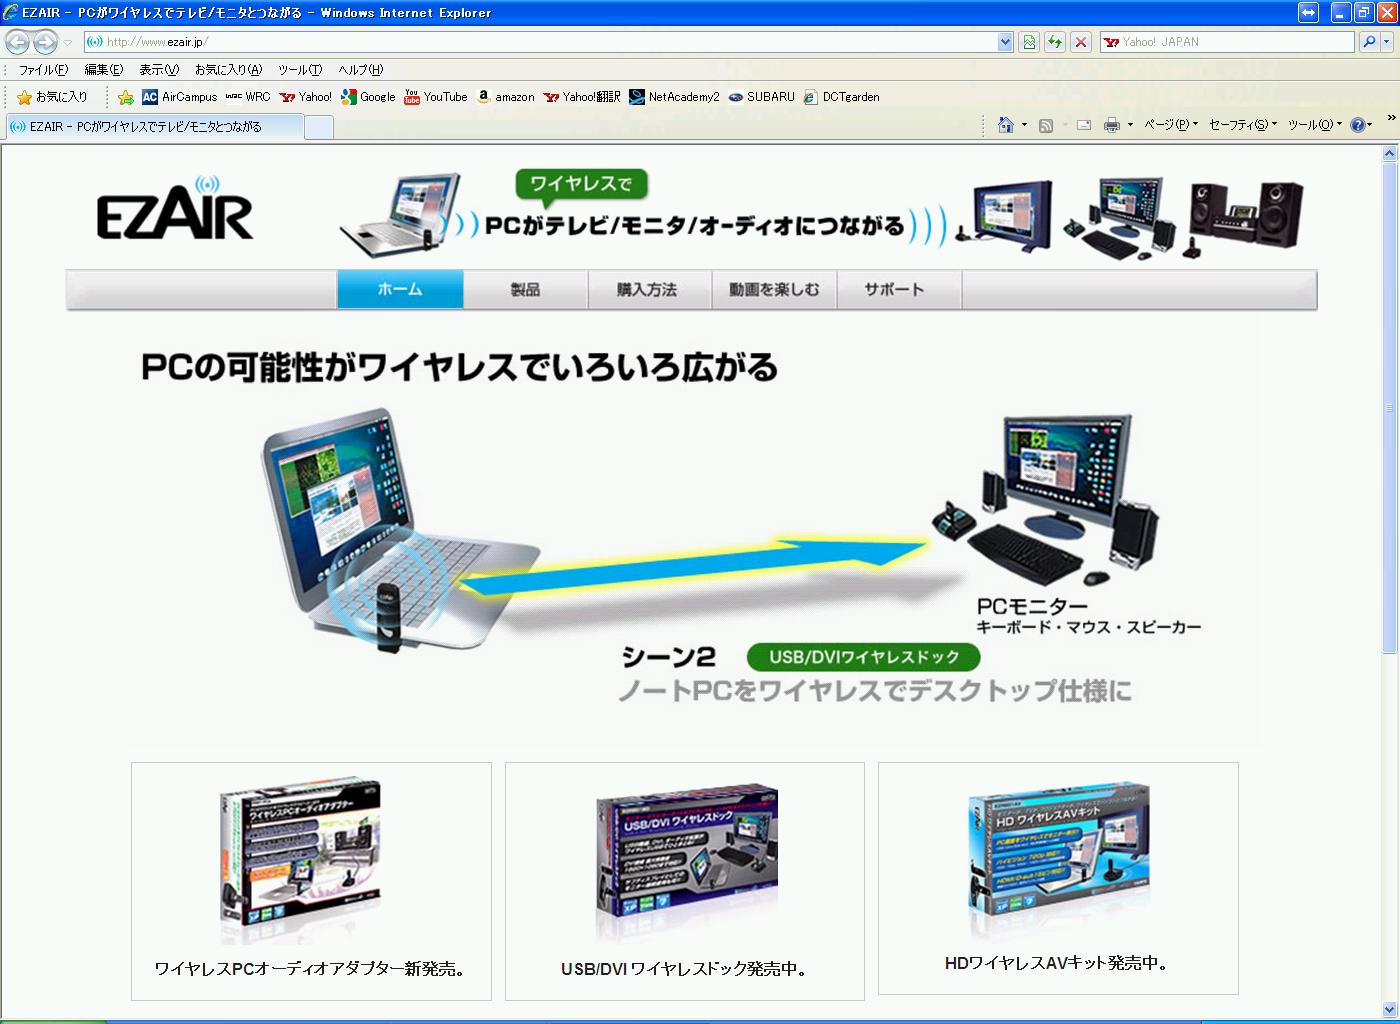 EZR601AV_03.png